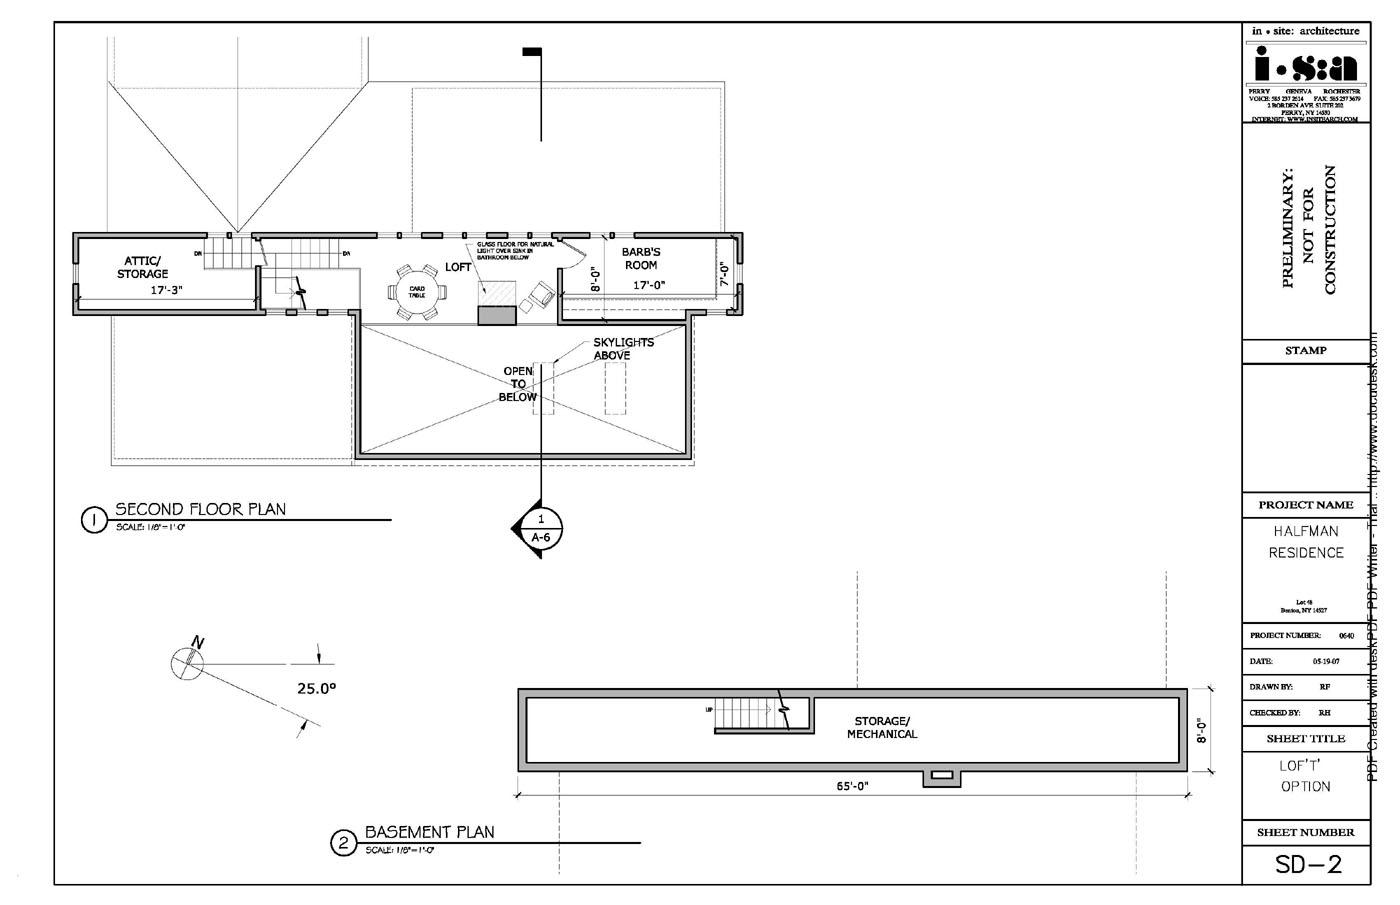 halfman s home preliminary floor plan 2nd floor basement